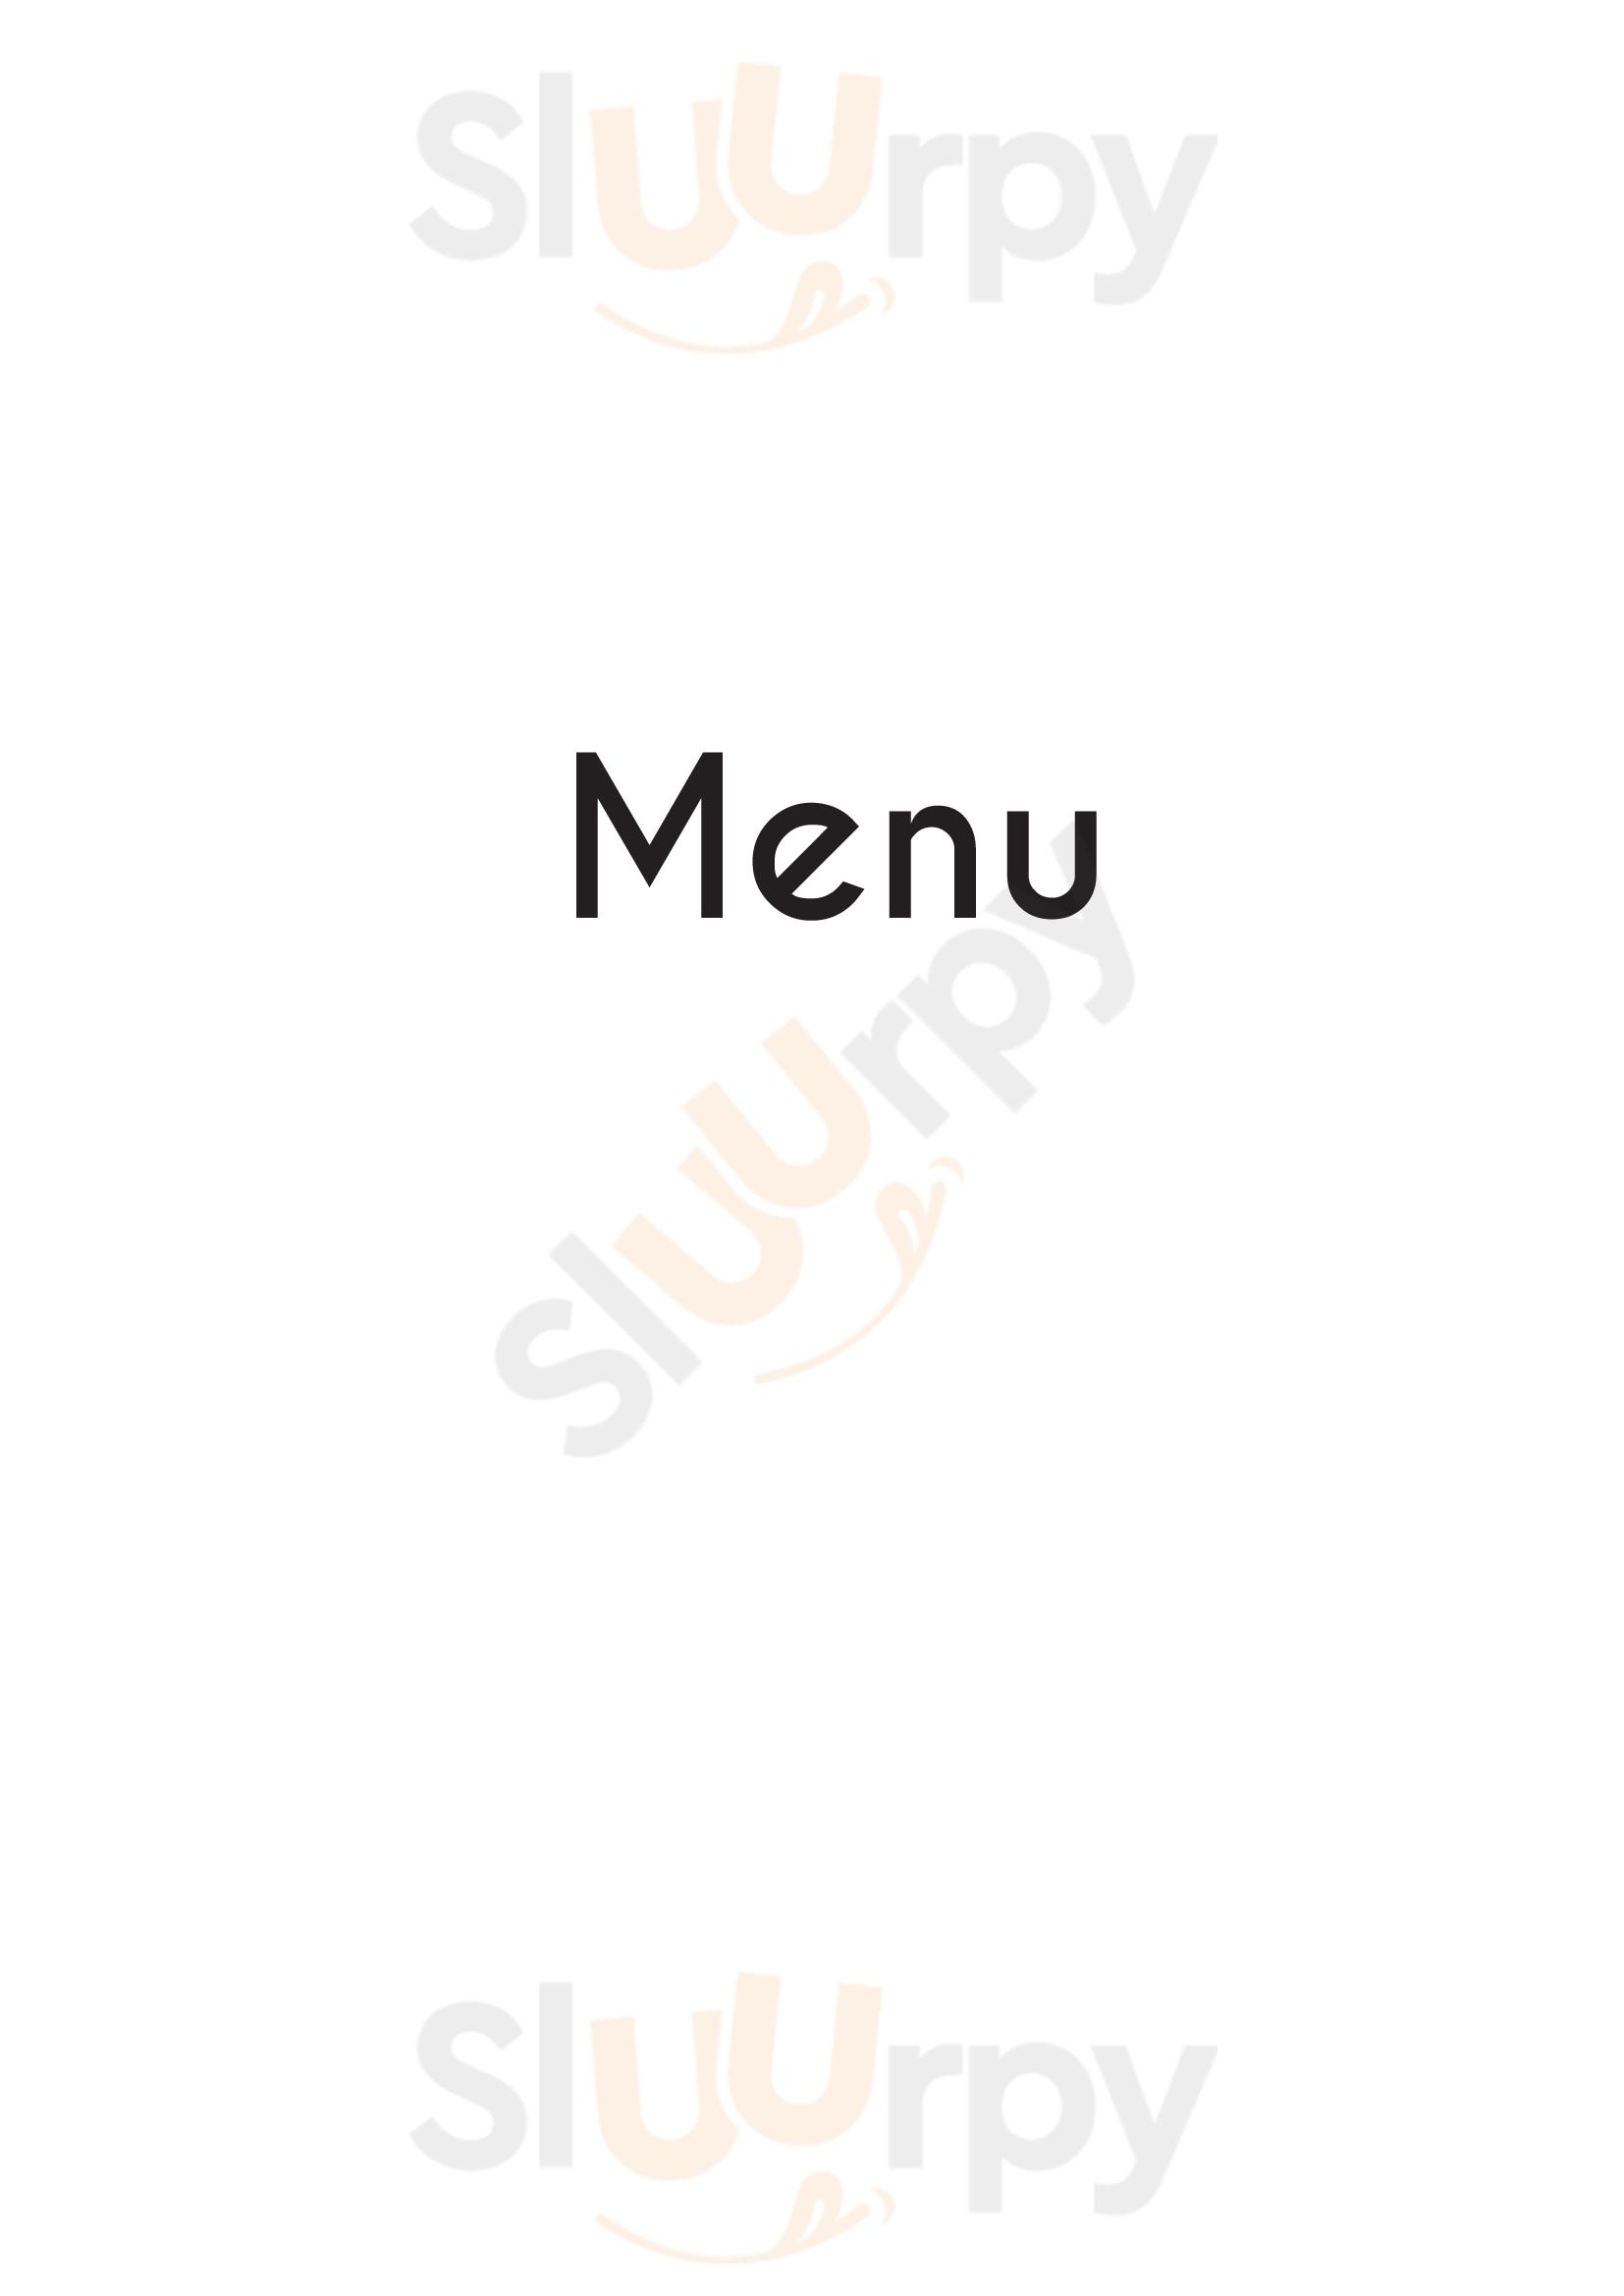 L'Osteria Dell'Orologio Fiumicino menù 1 pagina